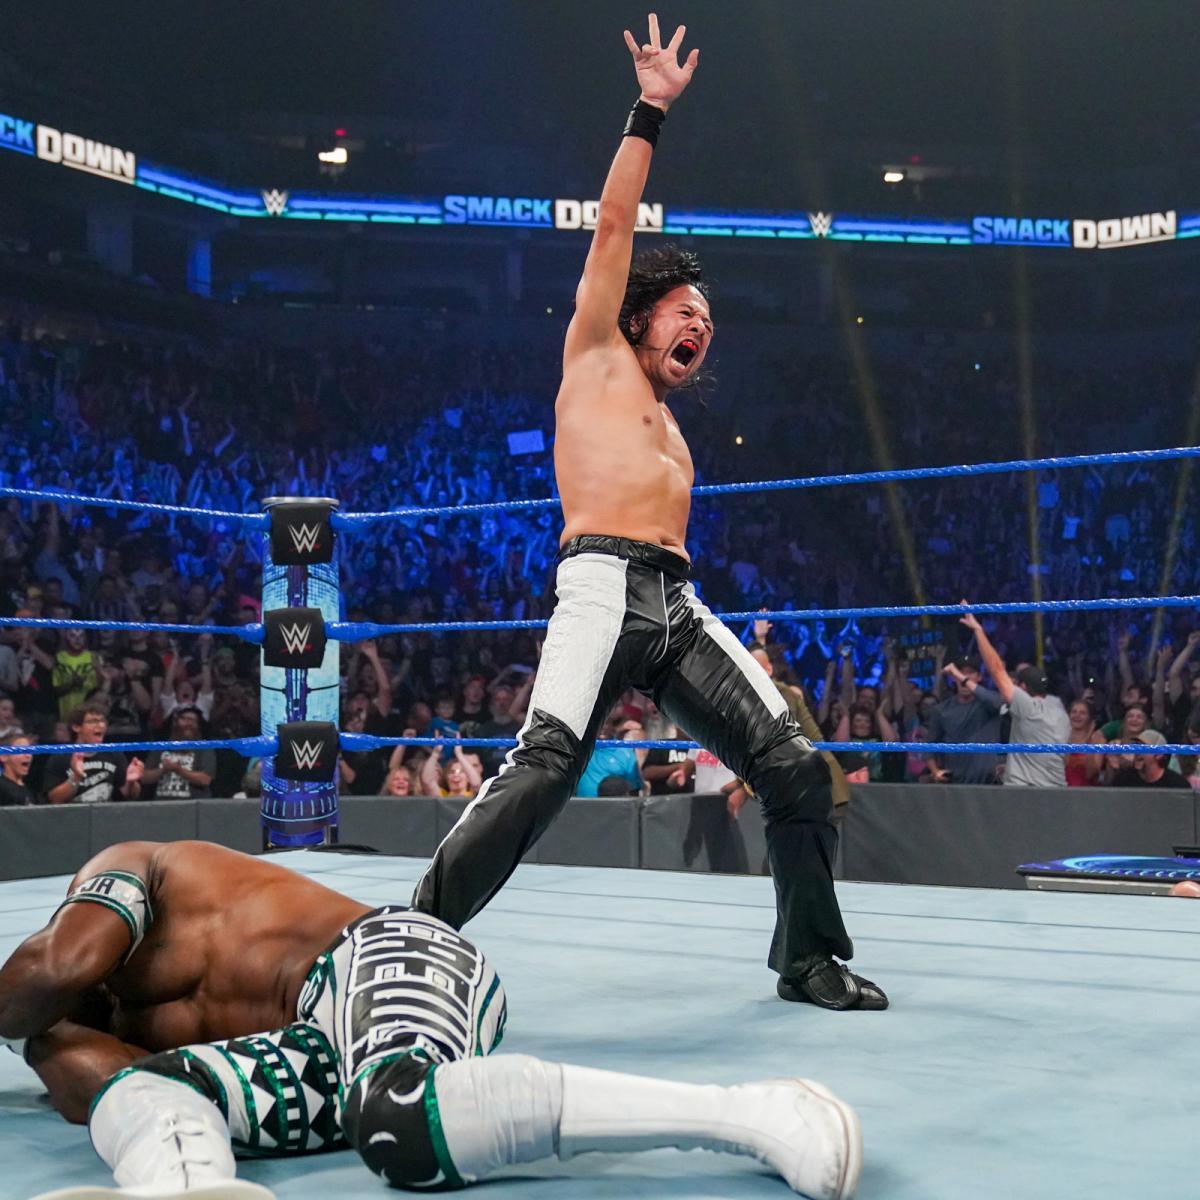 気合の雄たけびをあげる中邑(右)。左下はインターコンチネンタル王者クルーズ(C)2021 WWE, Inc. All Rights Reserved.